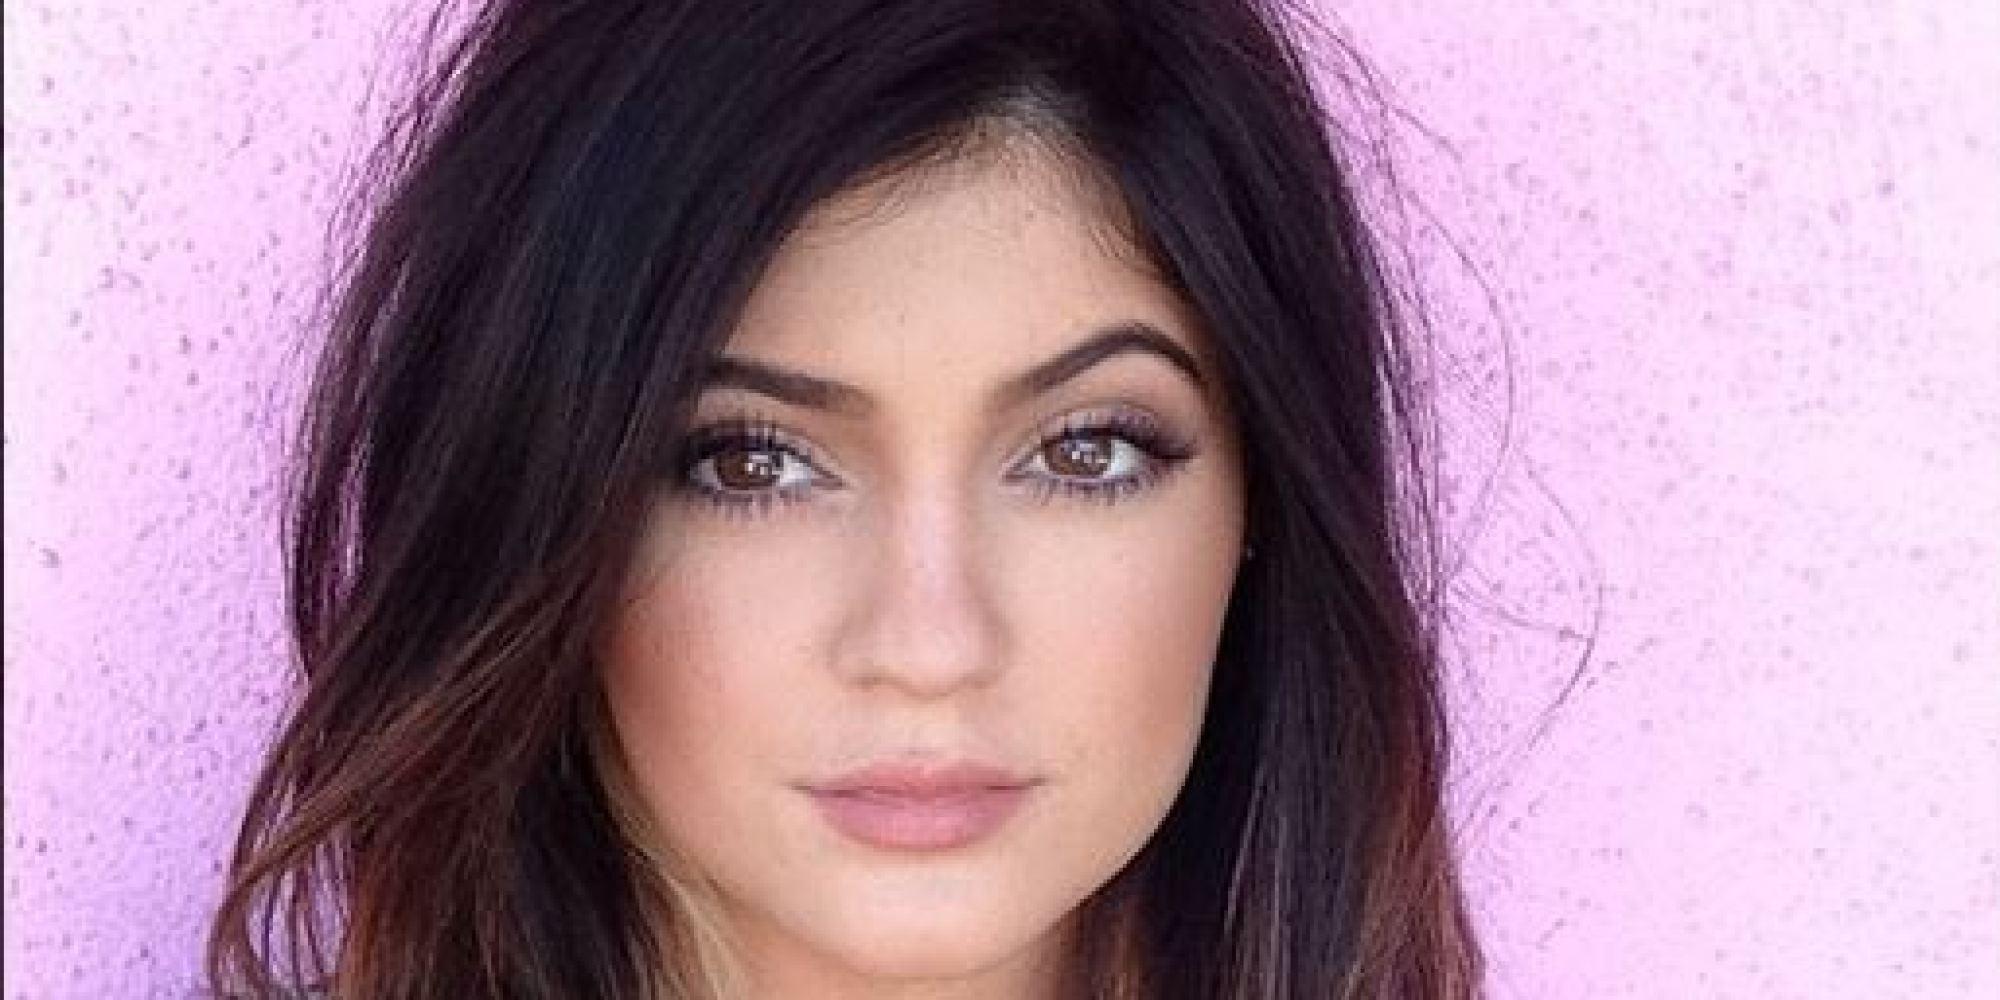 Kylie Jenner Lipstick Kylie Jenner Posts New Selfie